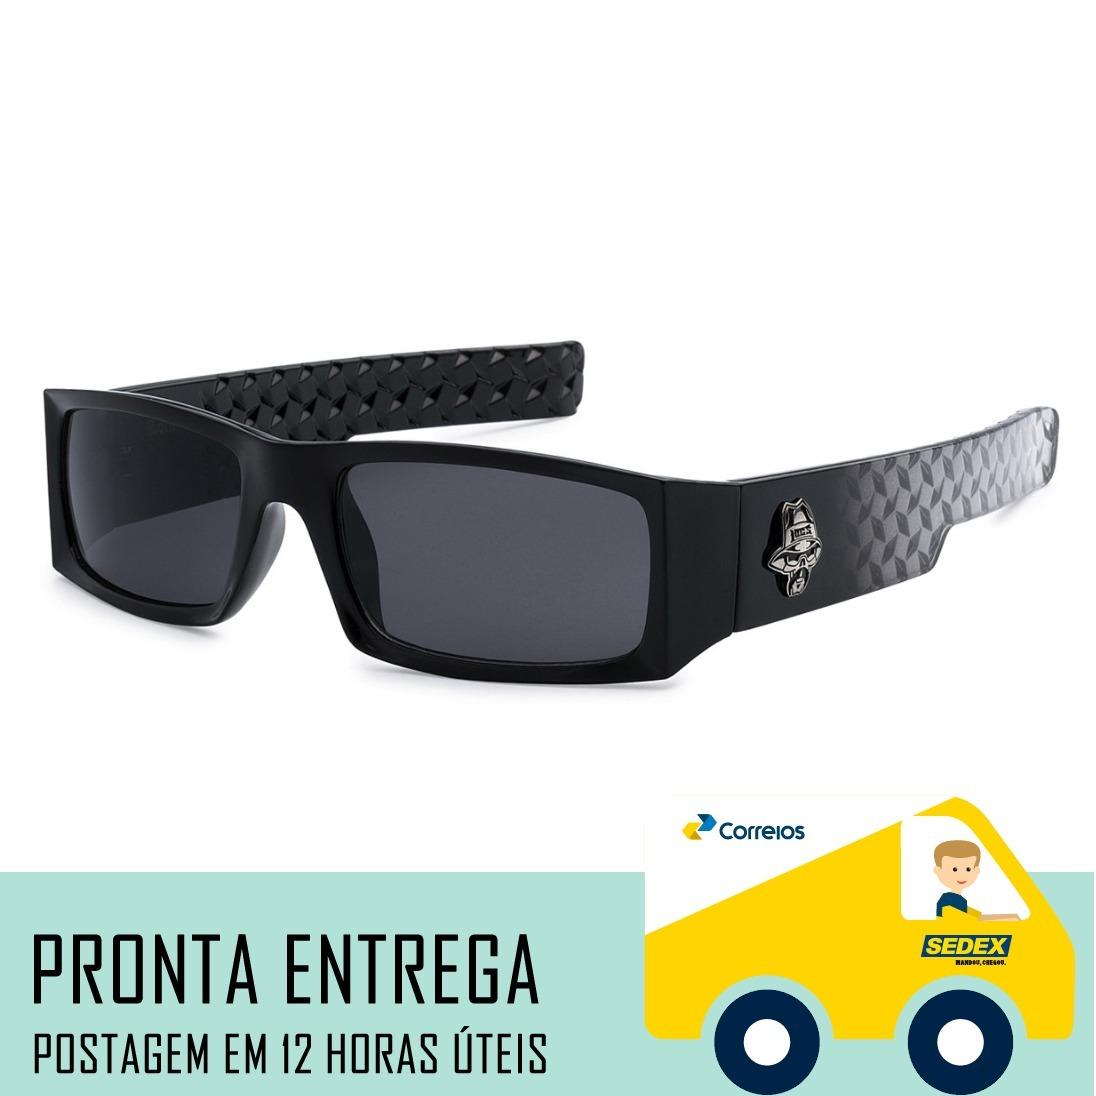 977dd66df7fd5 Óculos Locs Chicano  104 - R  120,00 em Mercado Livre